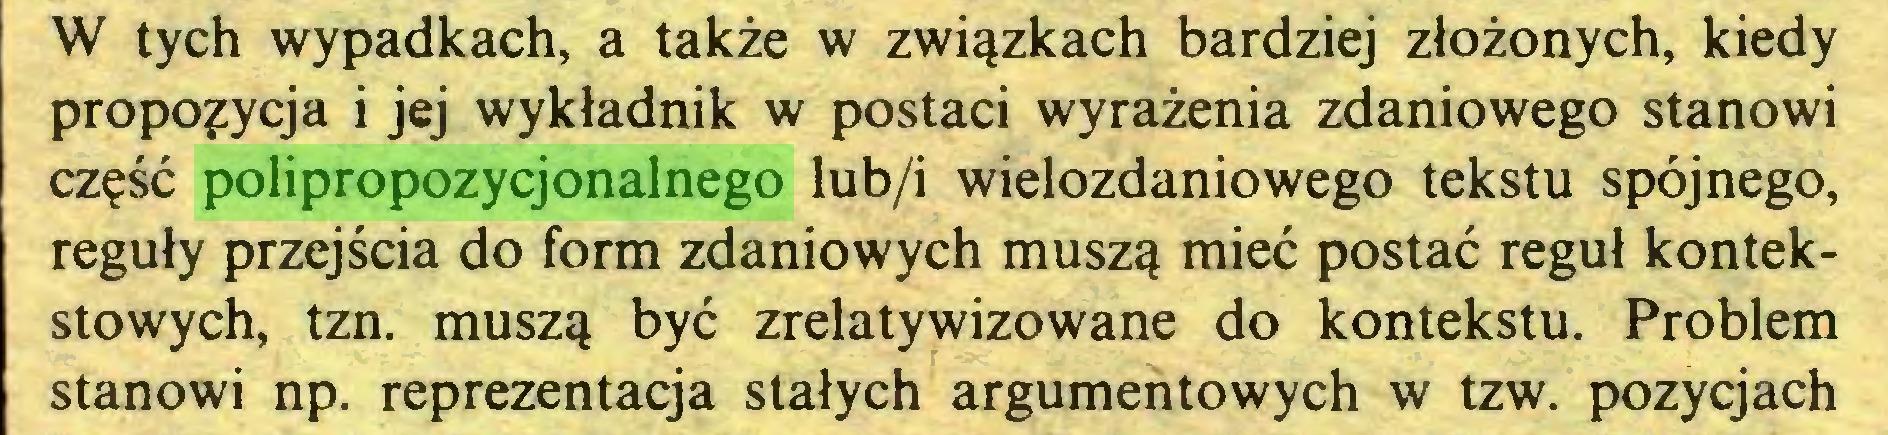 (...) W tych wypadkach, a także w związkach bardziej złożonych, kiedy propozycja i jej wykładnik w postaci wyrażenia zdaniowego stanowi część polipropozycjonalnego lub/i wielozdaniowego tekstu spójnego, reguły przejścia do form zdaniowych muszą mieć postać reguł kontekstowych, tzn. muszą być zrelatywizowane do kontekstu. Problem stanowi np. reprezentacja stałych argumentowych w tzw. pozycjach...